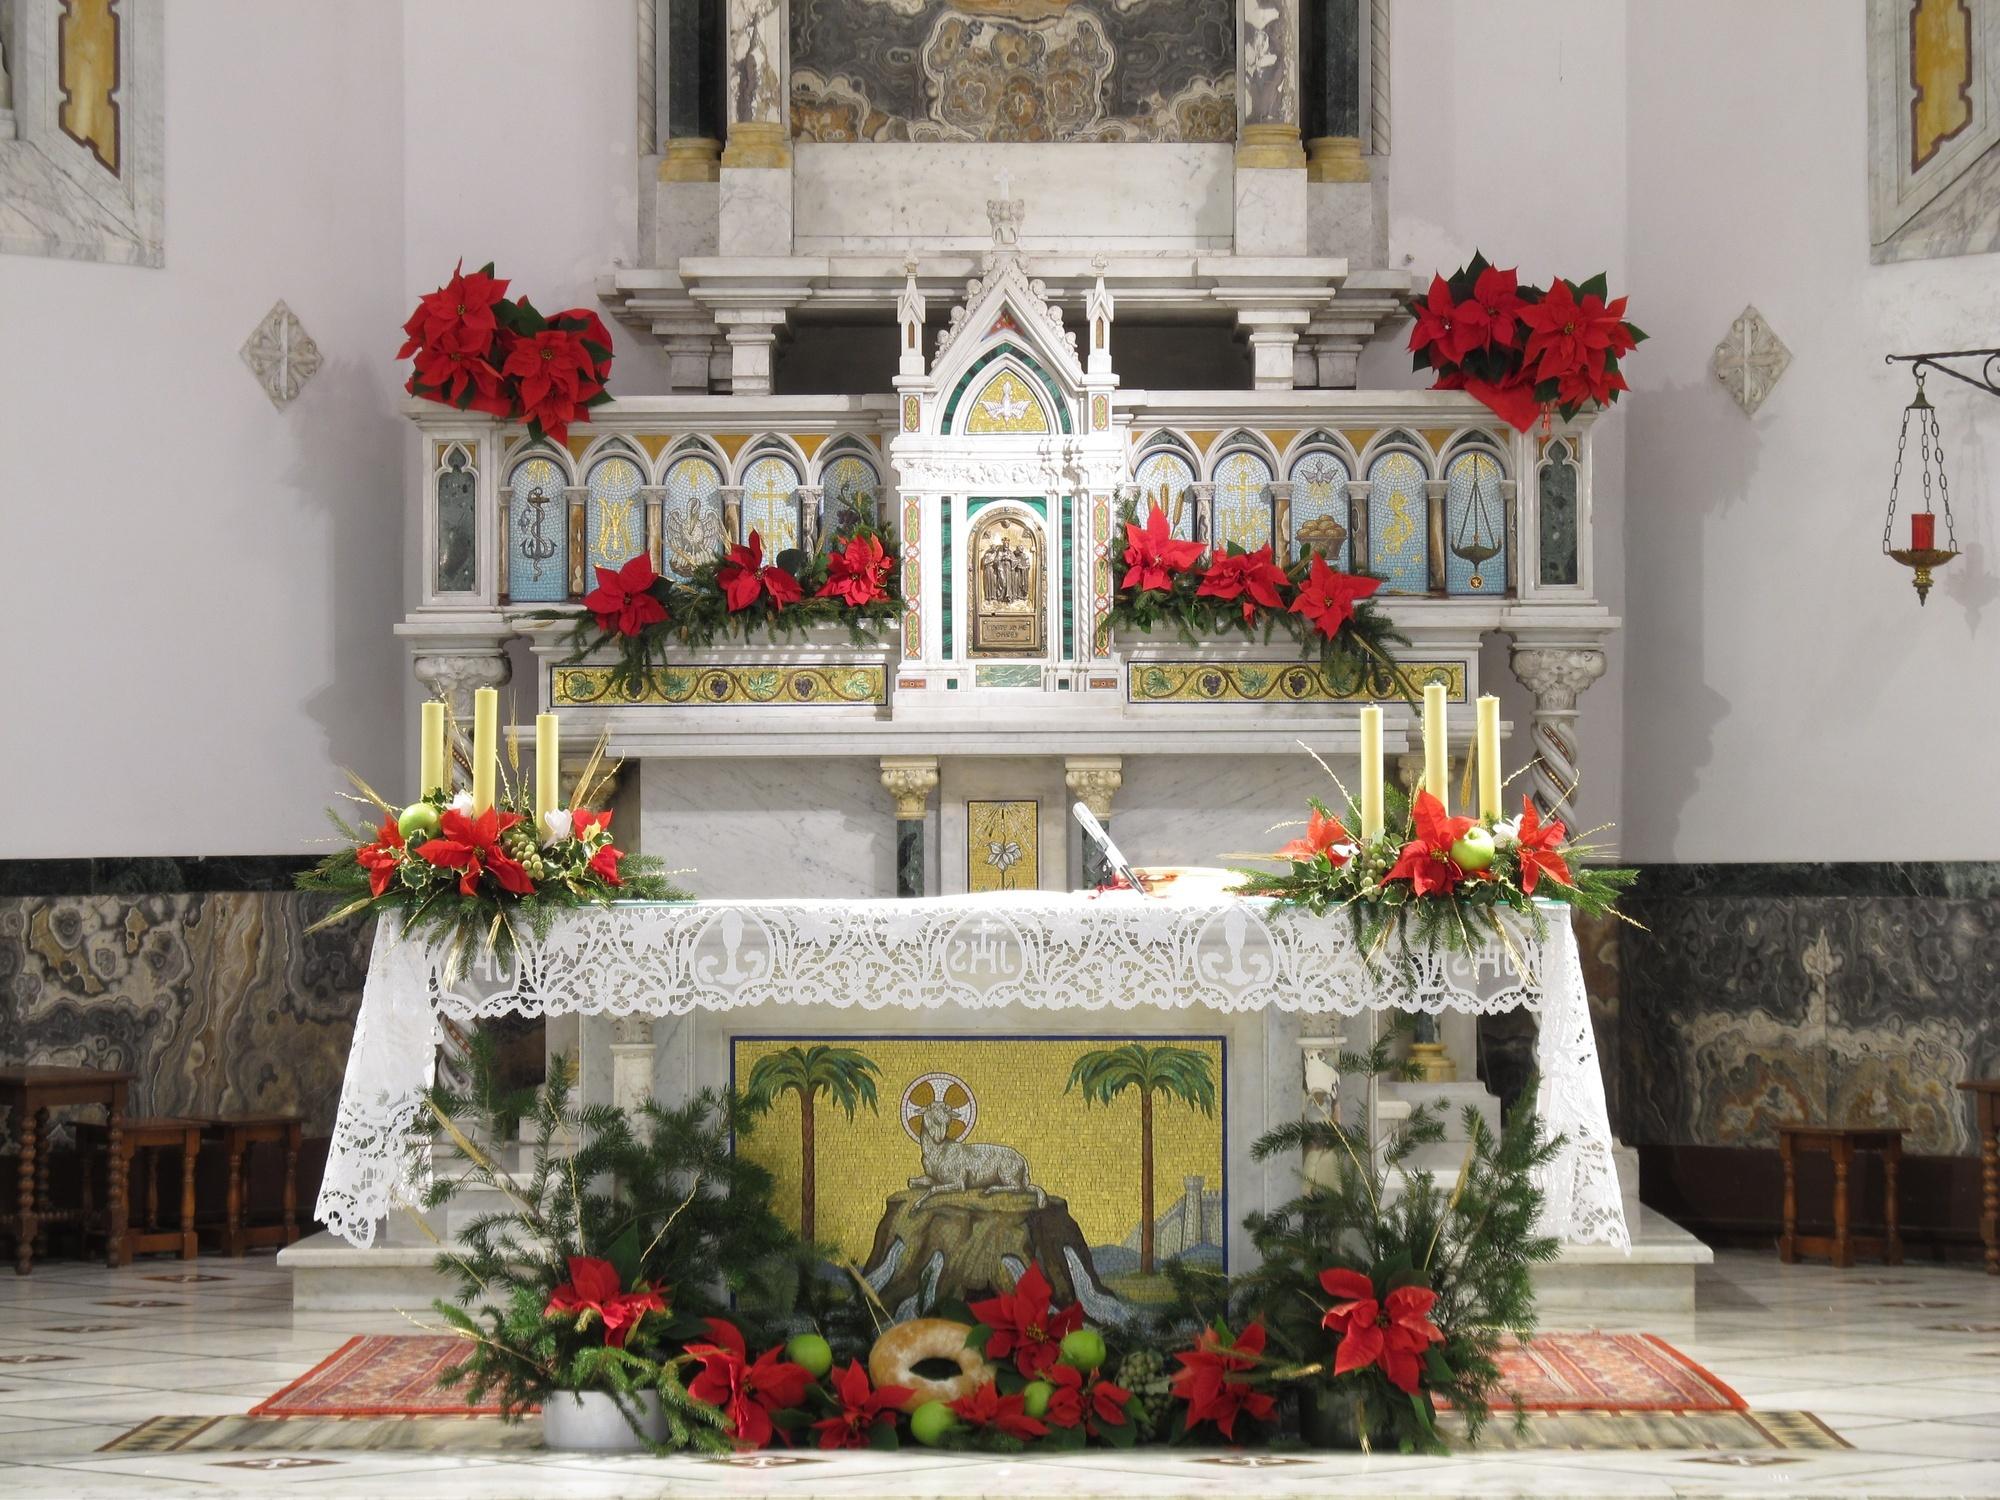 chiesa-natale-2015-12-24-15-06-17